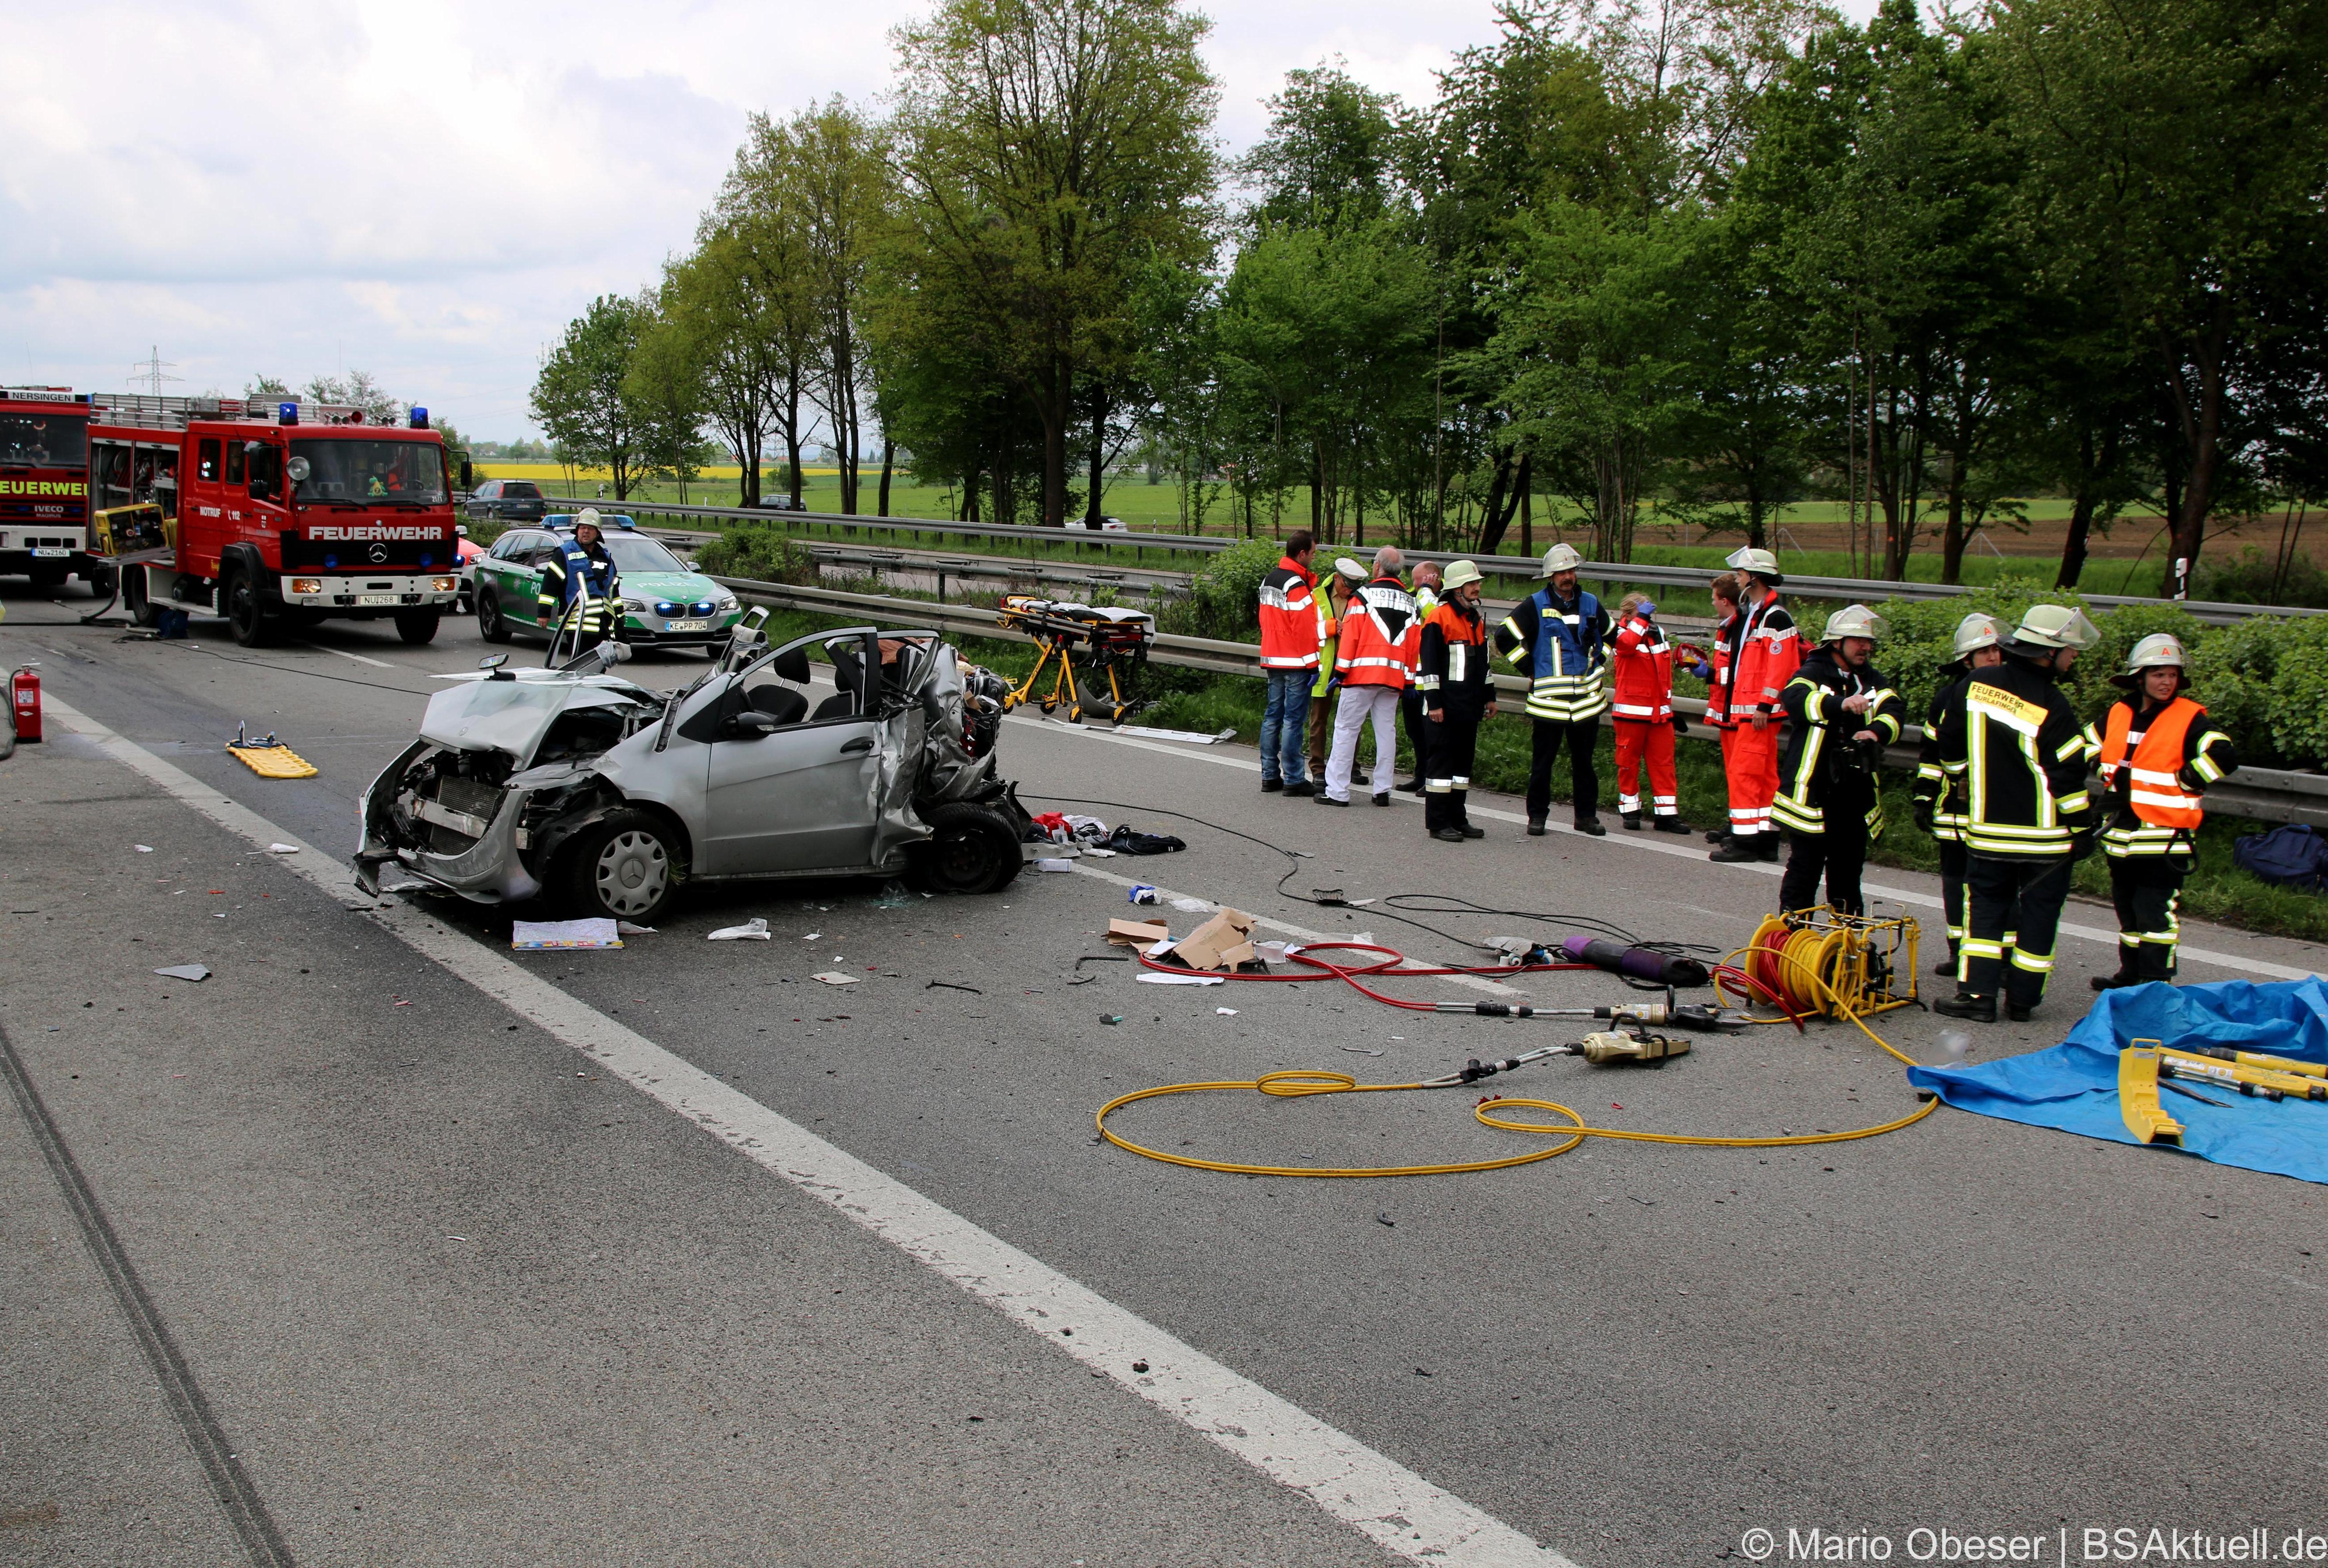 SchwererVerkerhsunfallaufderAamAutobahndreieckHittistettenimKreisNeu Ulm.NährererBerichtistzufindenbeiBSAktuell.de Bayerisch Schwaben Aktuell.